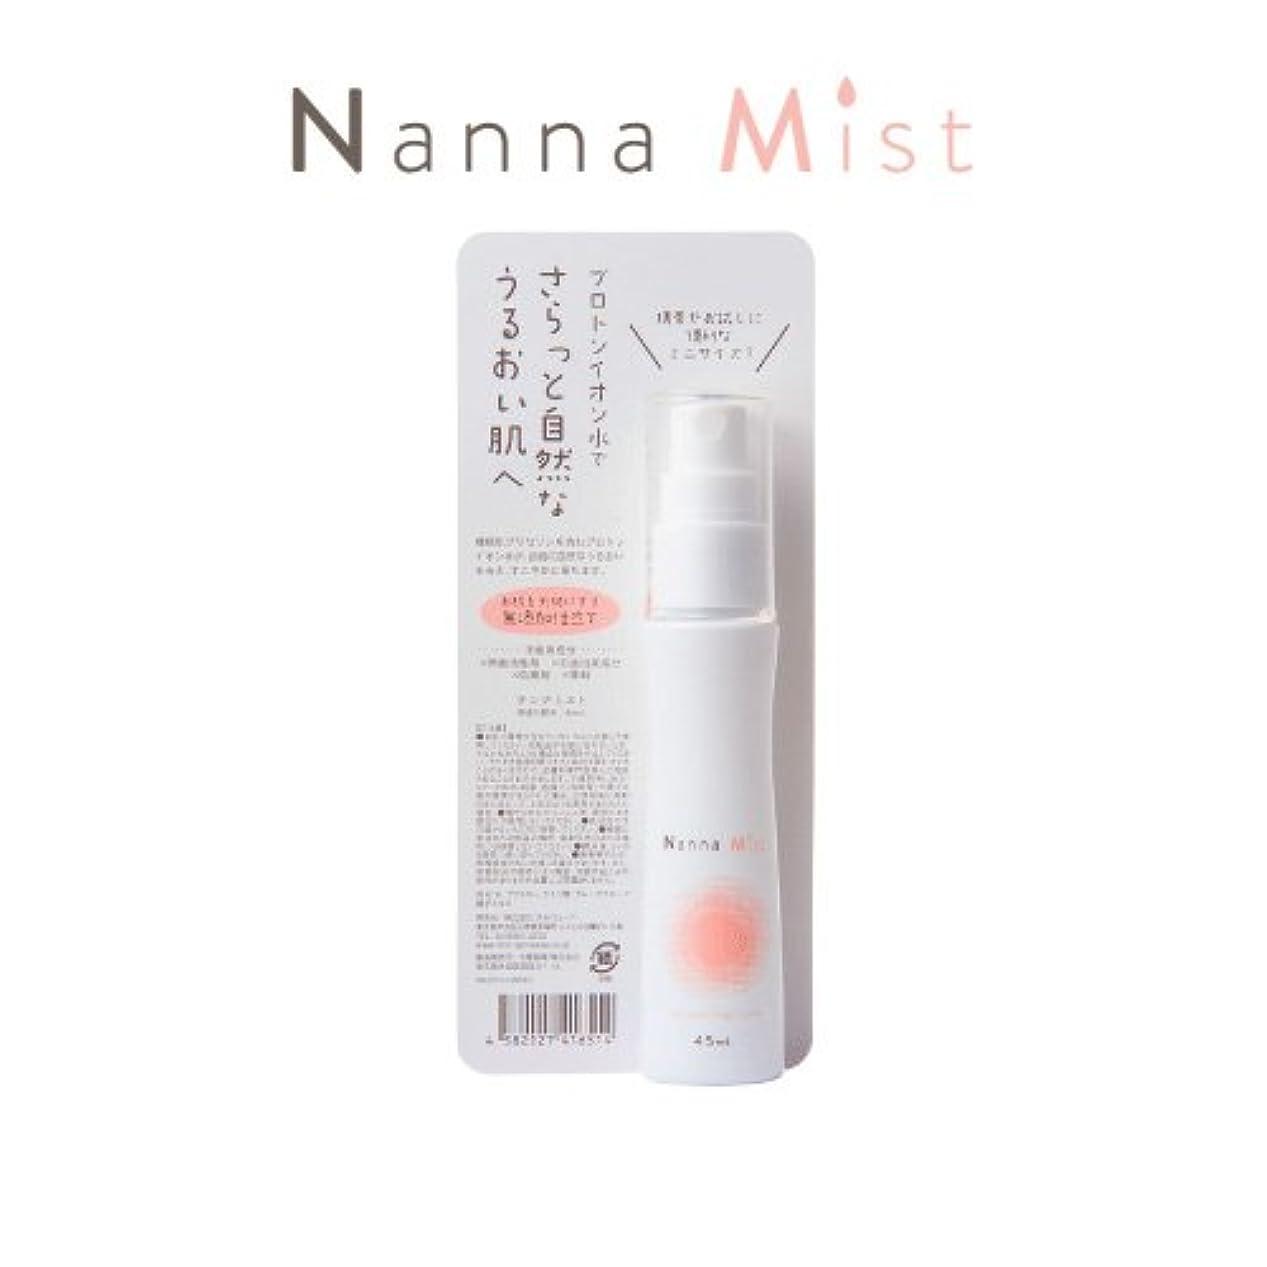 朝鯨幻想ナンナミスト-Nanna Mist- (保湿化粧水) 45ml 〔携帯用〕